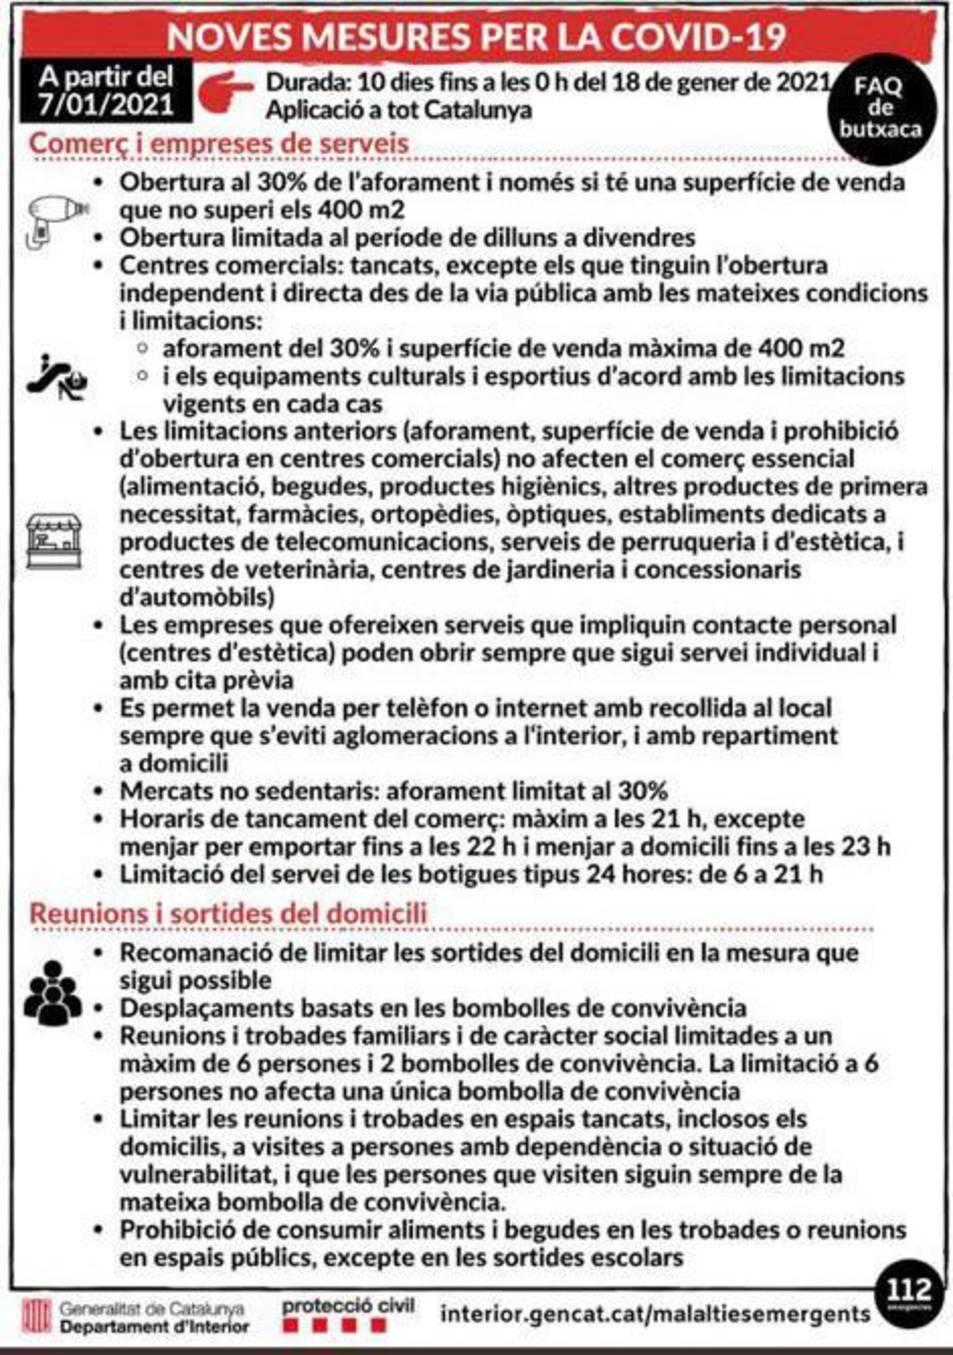 Noves restriccions a partir del 7 de gener.